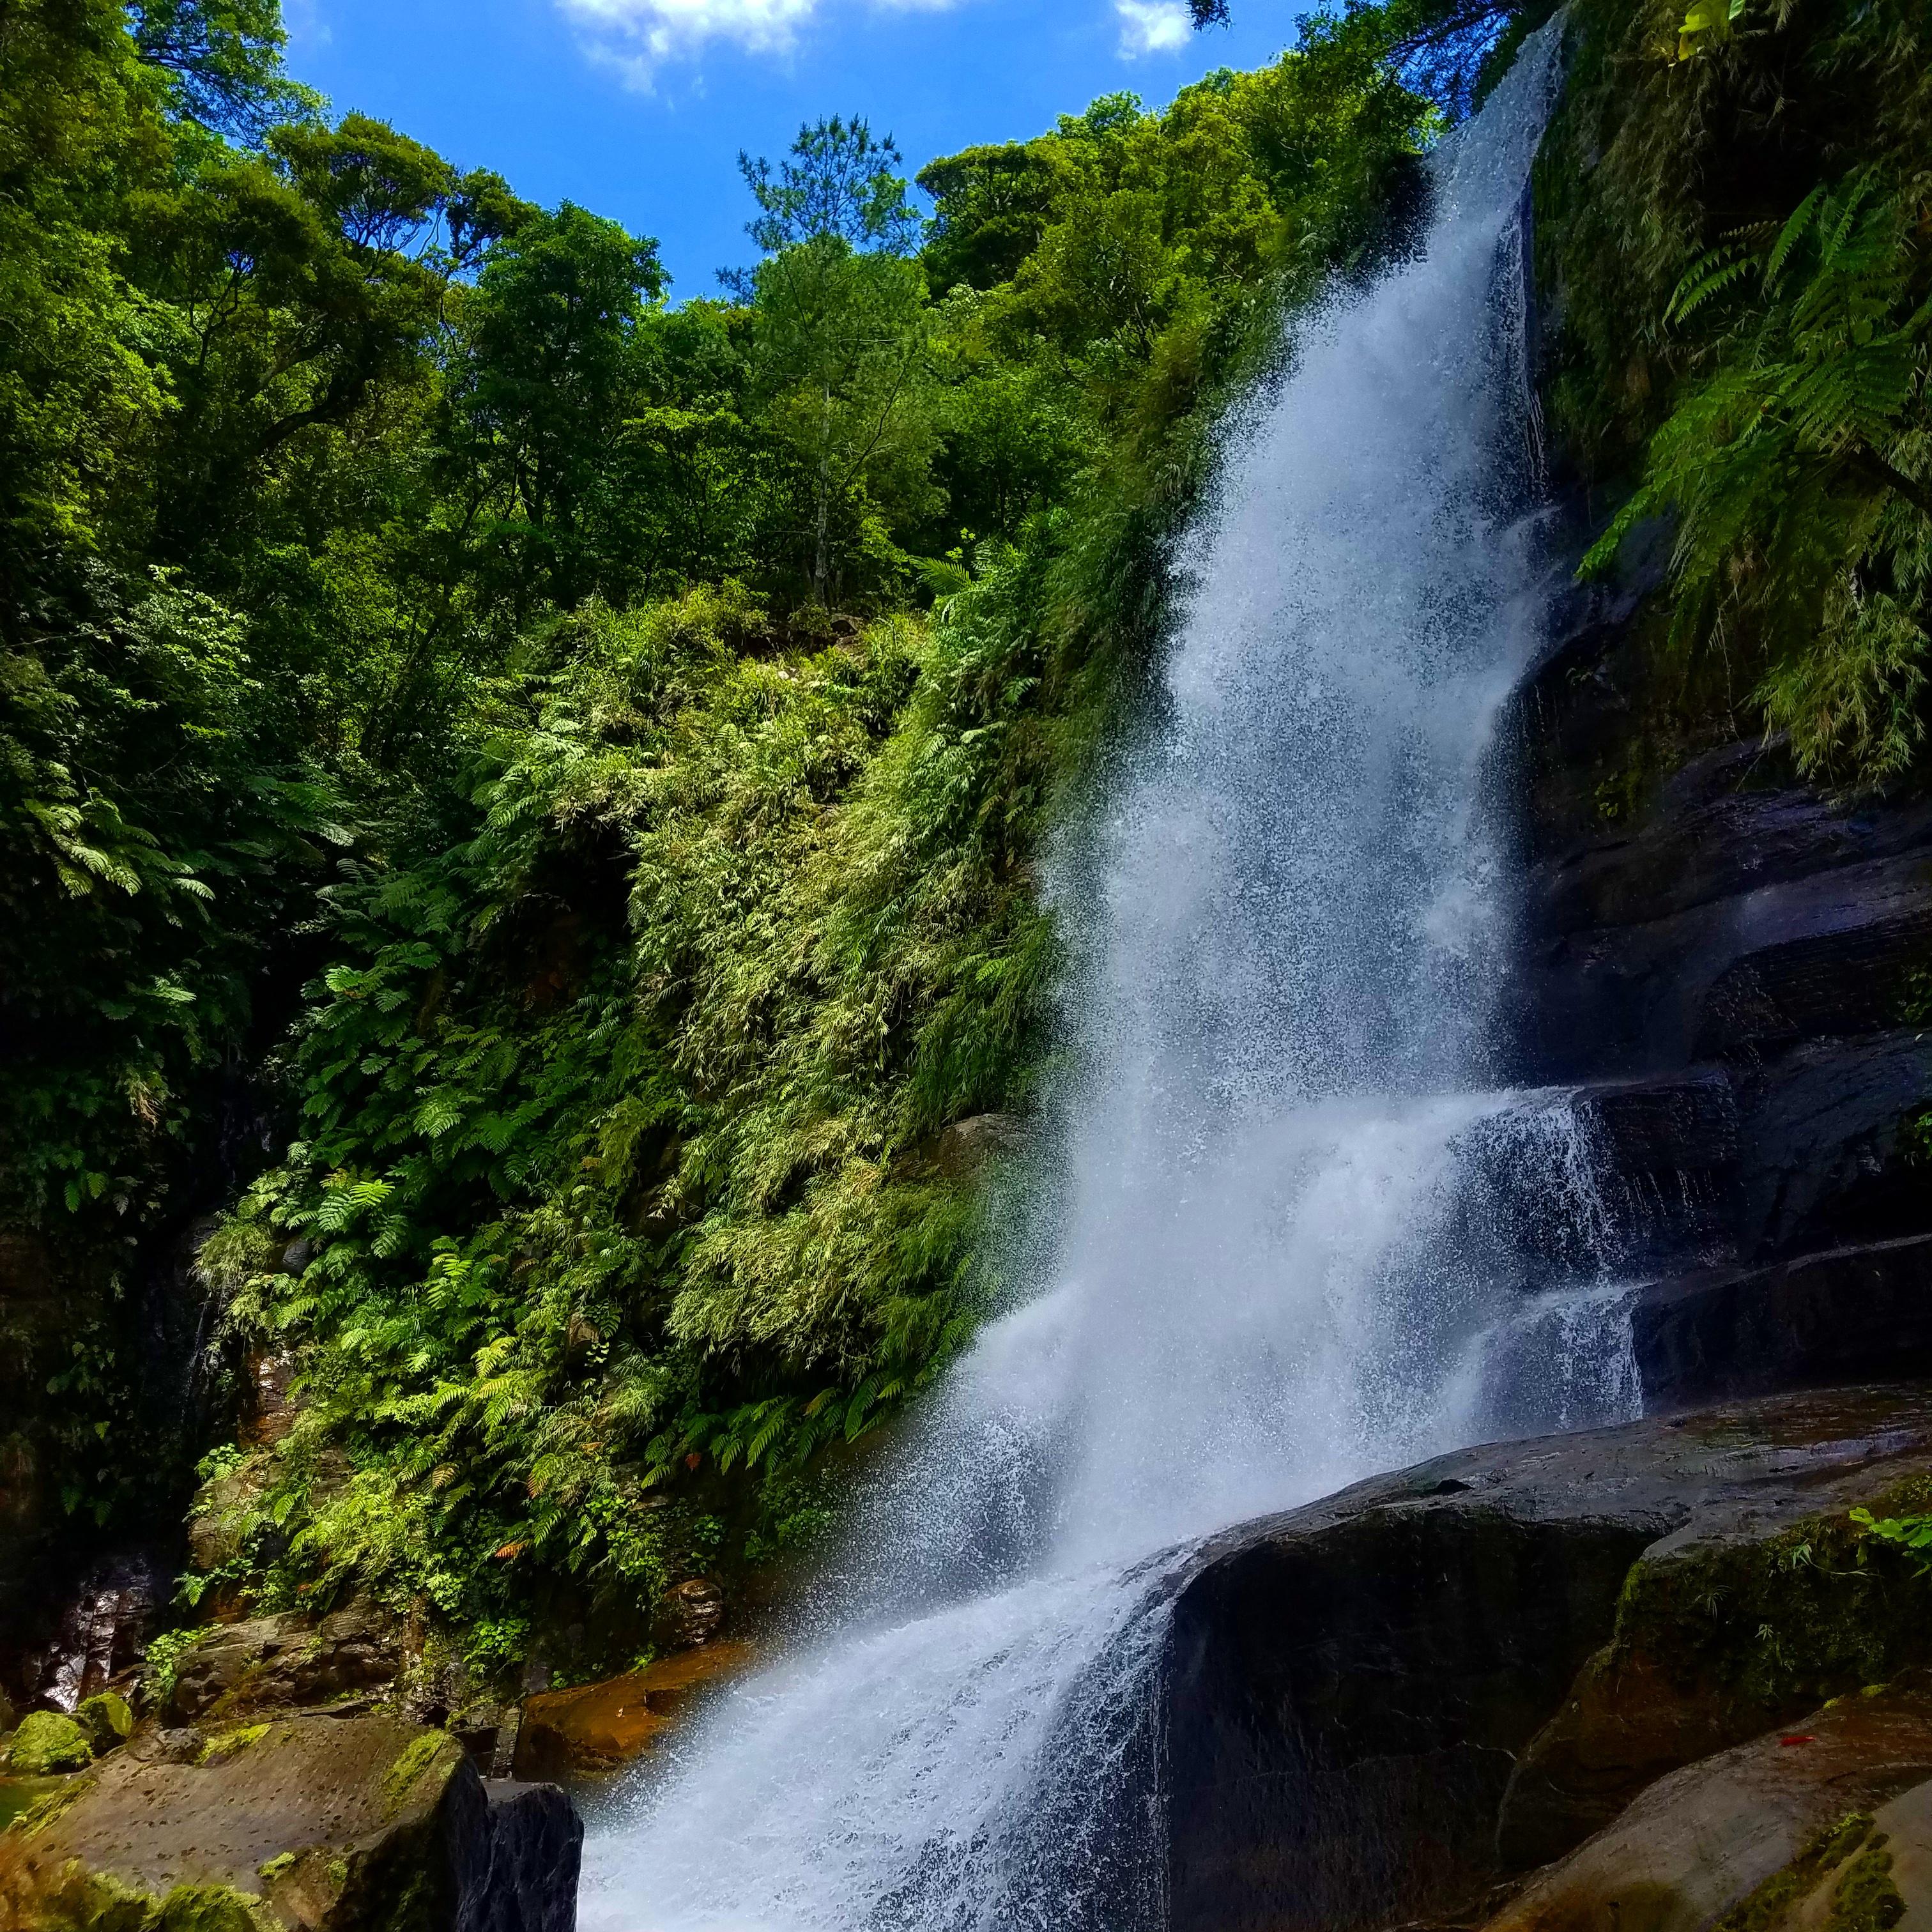 秘境の滝、ナーラ